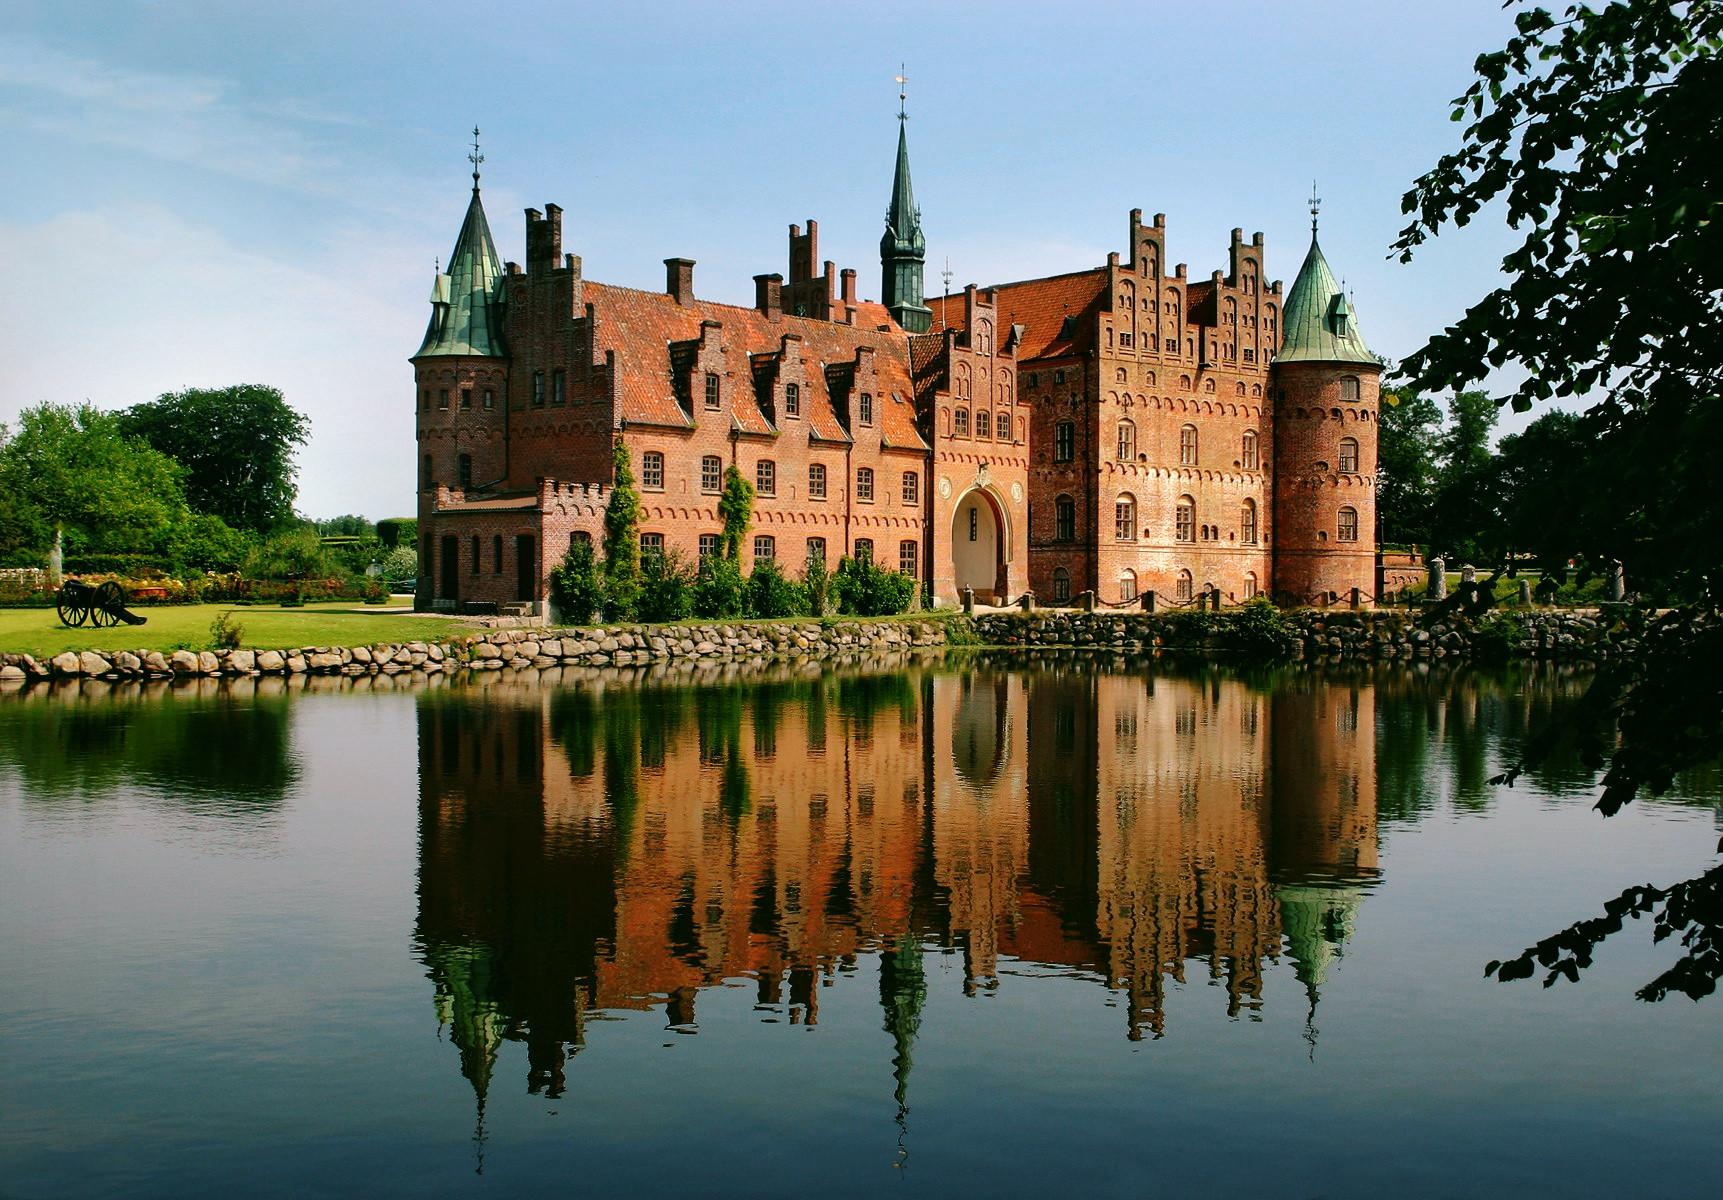 Dinamarca Noruega e Suecia  hoteis e roteiros de viagem